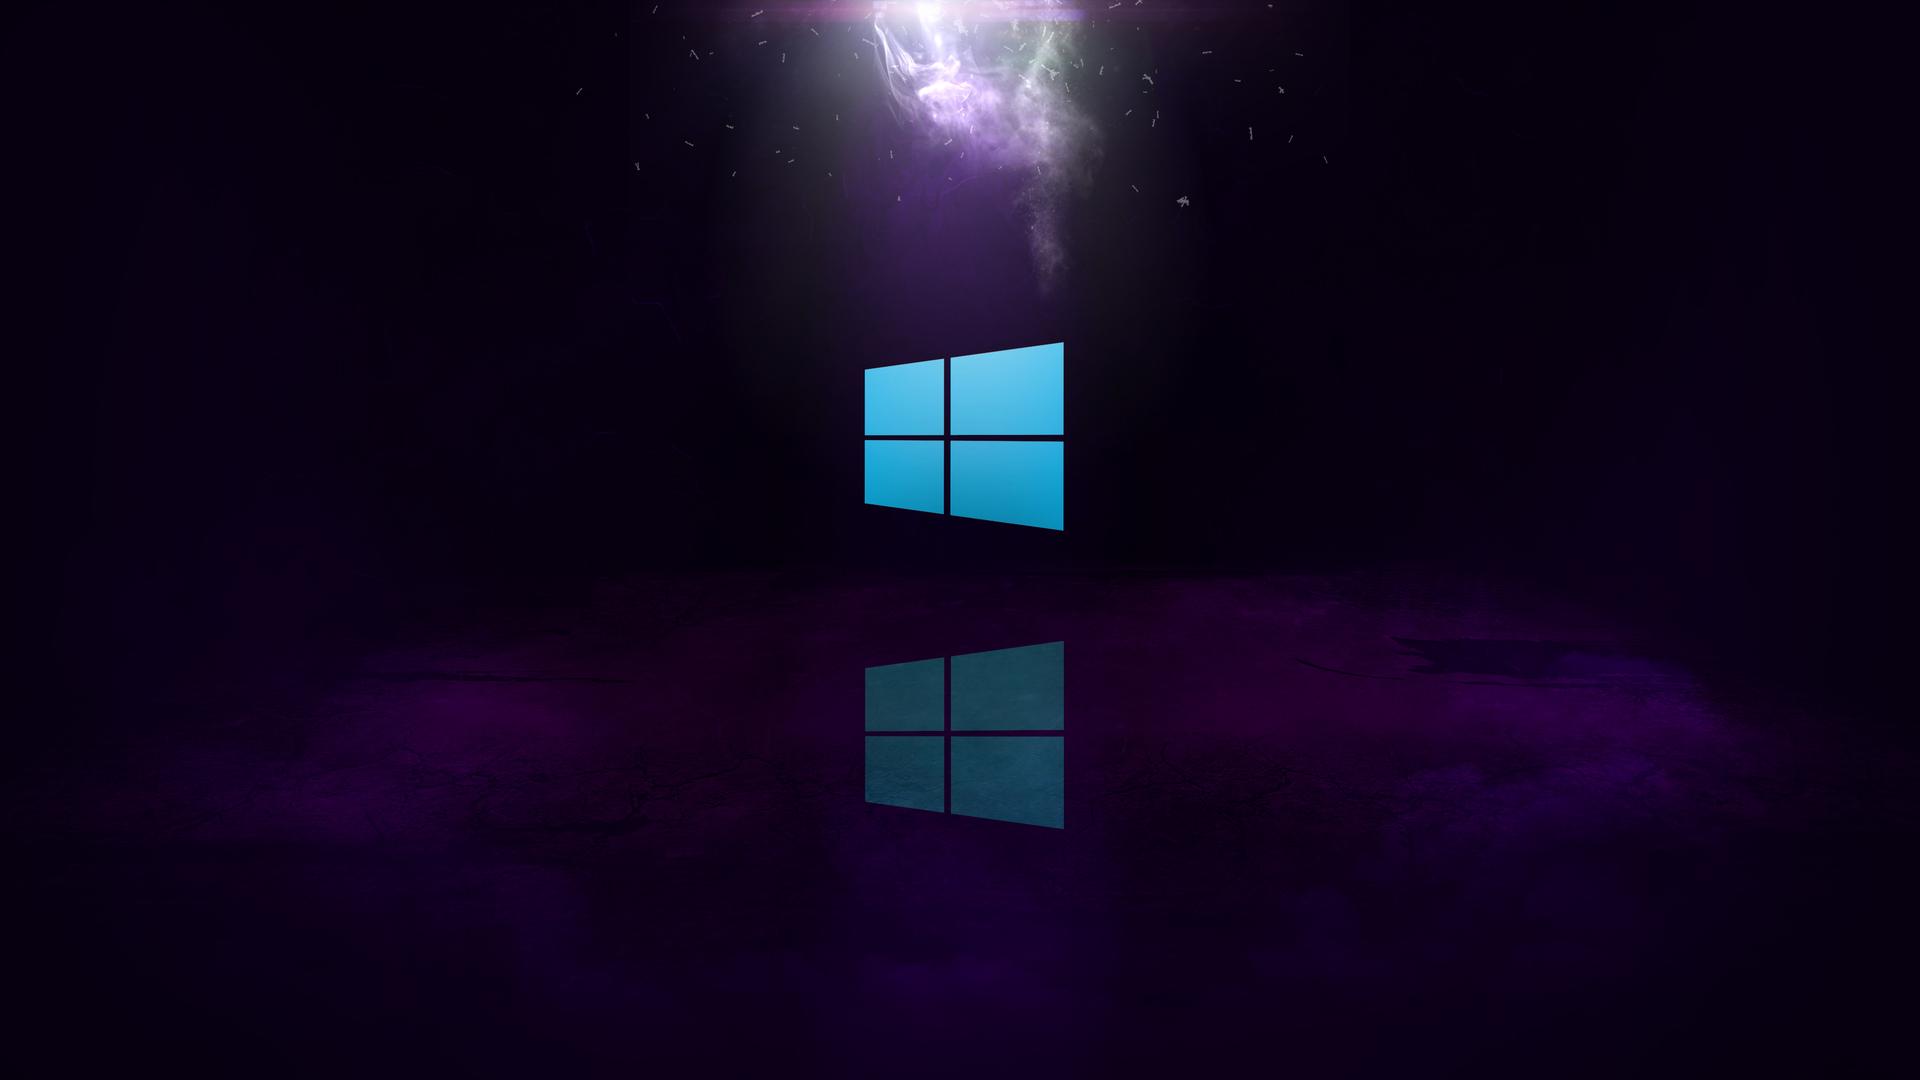 1920x1080 Windows 10 5k Laptop Full Hd 1080p Hd 4k Wallpapers